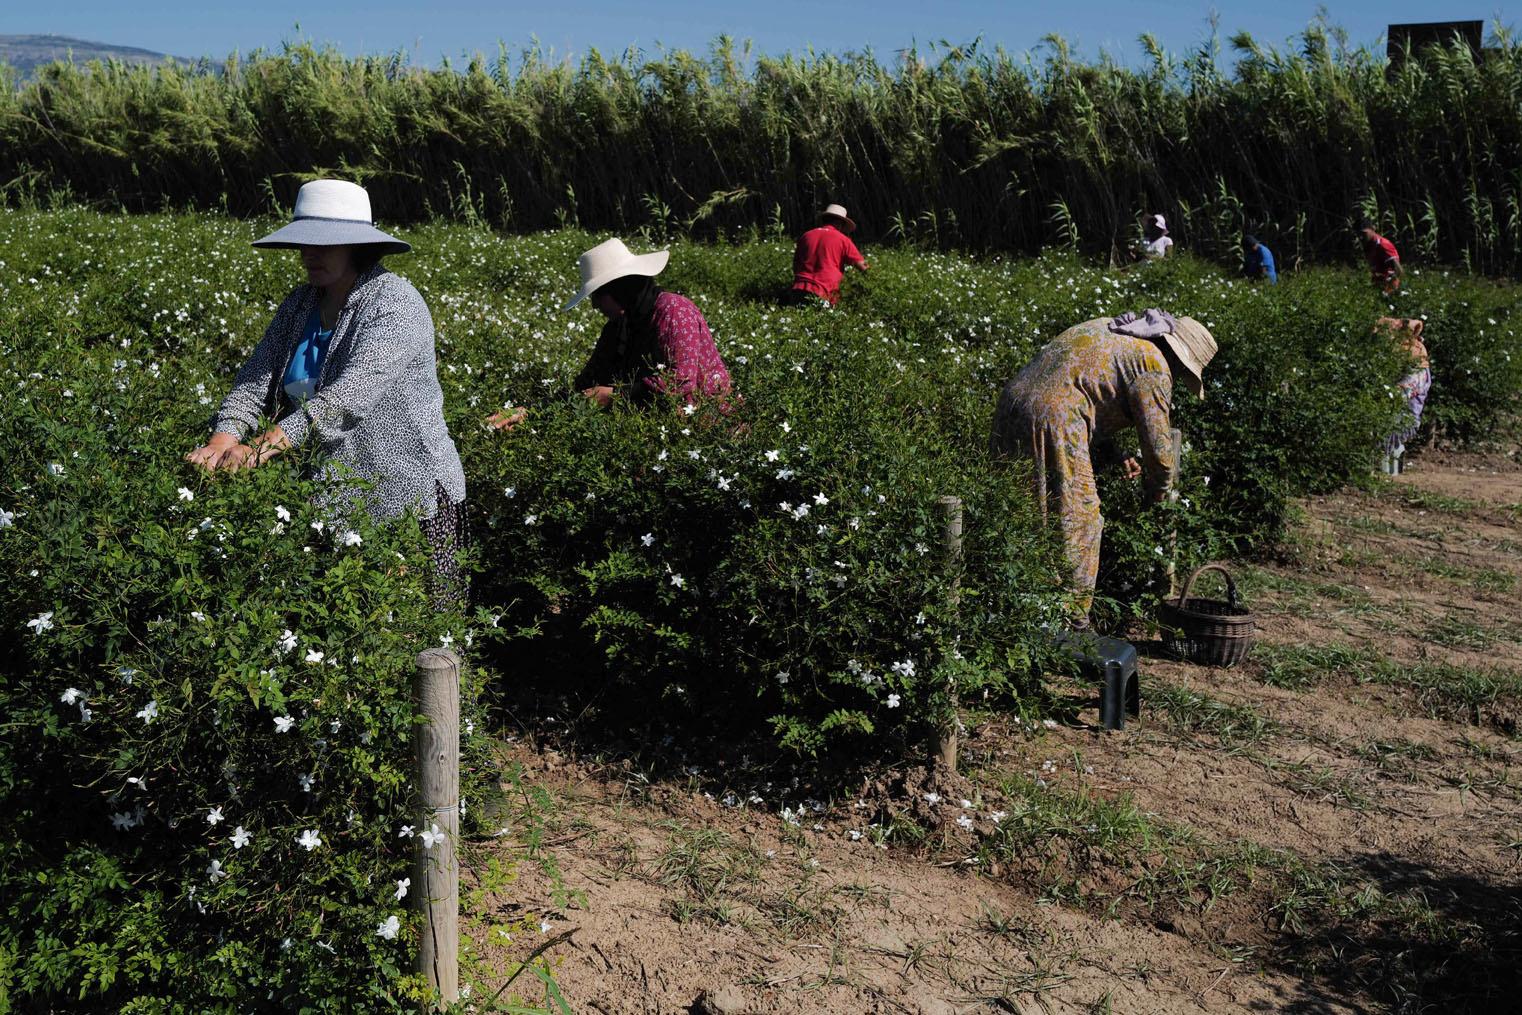 Cueillette du jasmin, utilisé pour mettre au point le n°5 de Chanel, à Pégomas, dans le sud de la France, le 26 août 2021, AFP